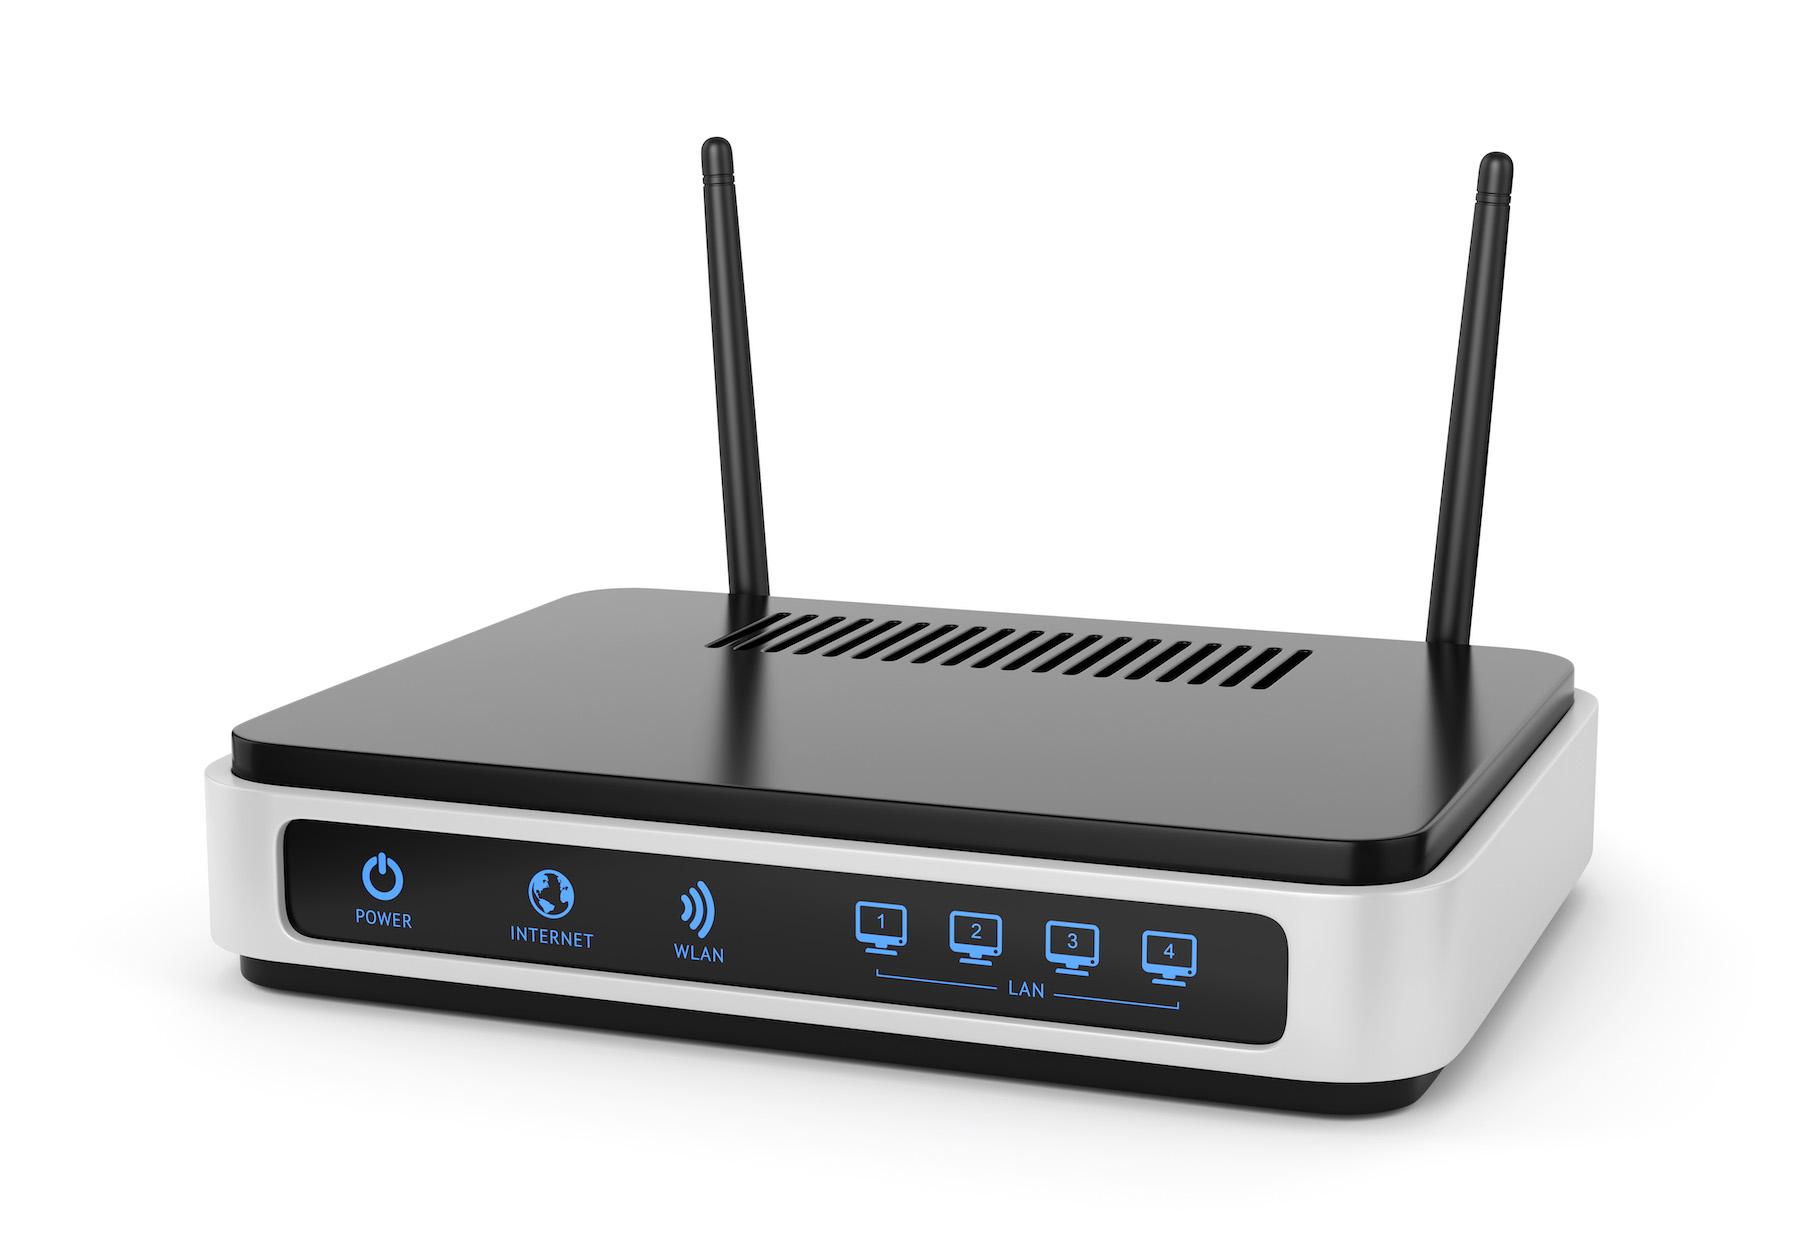 Na co zwrócić uwagę przy wyborze routera?